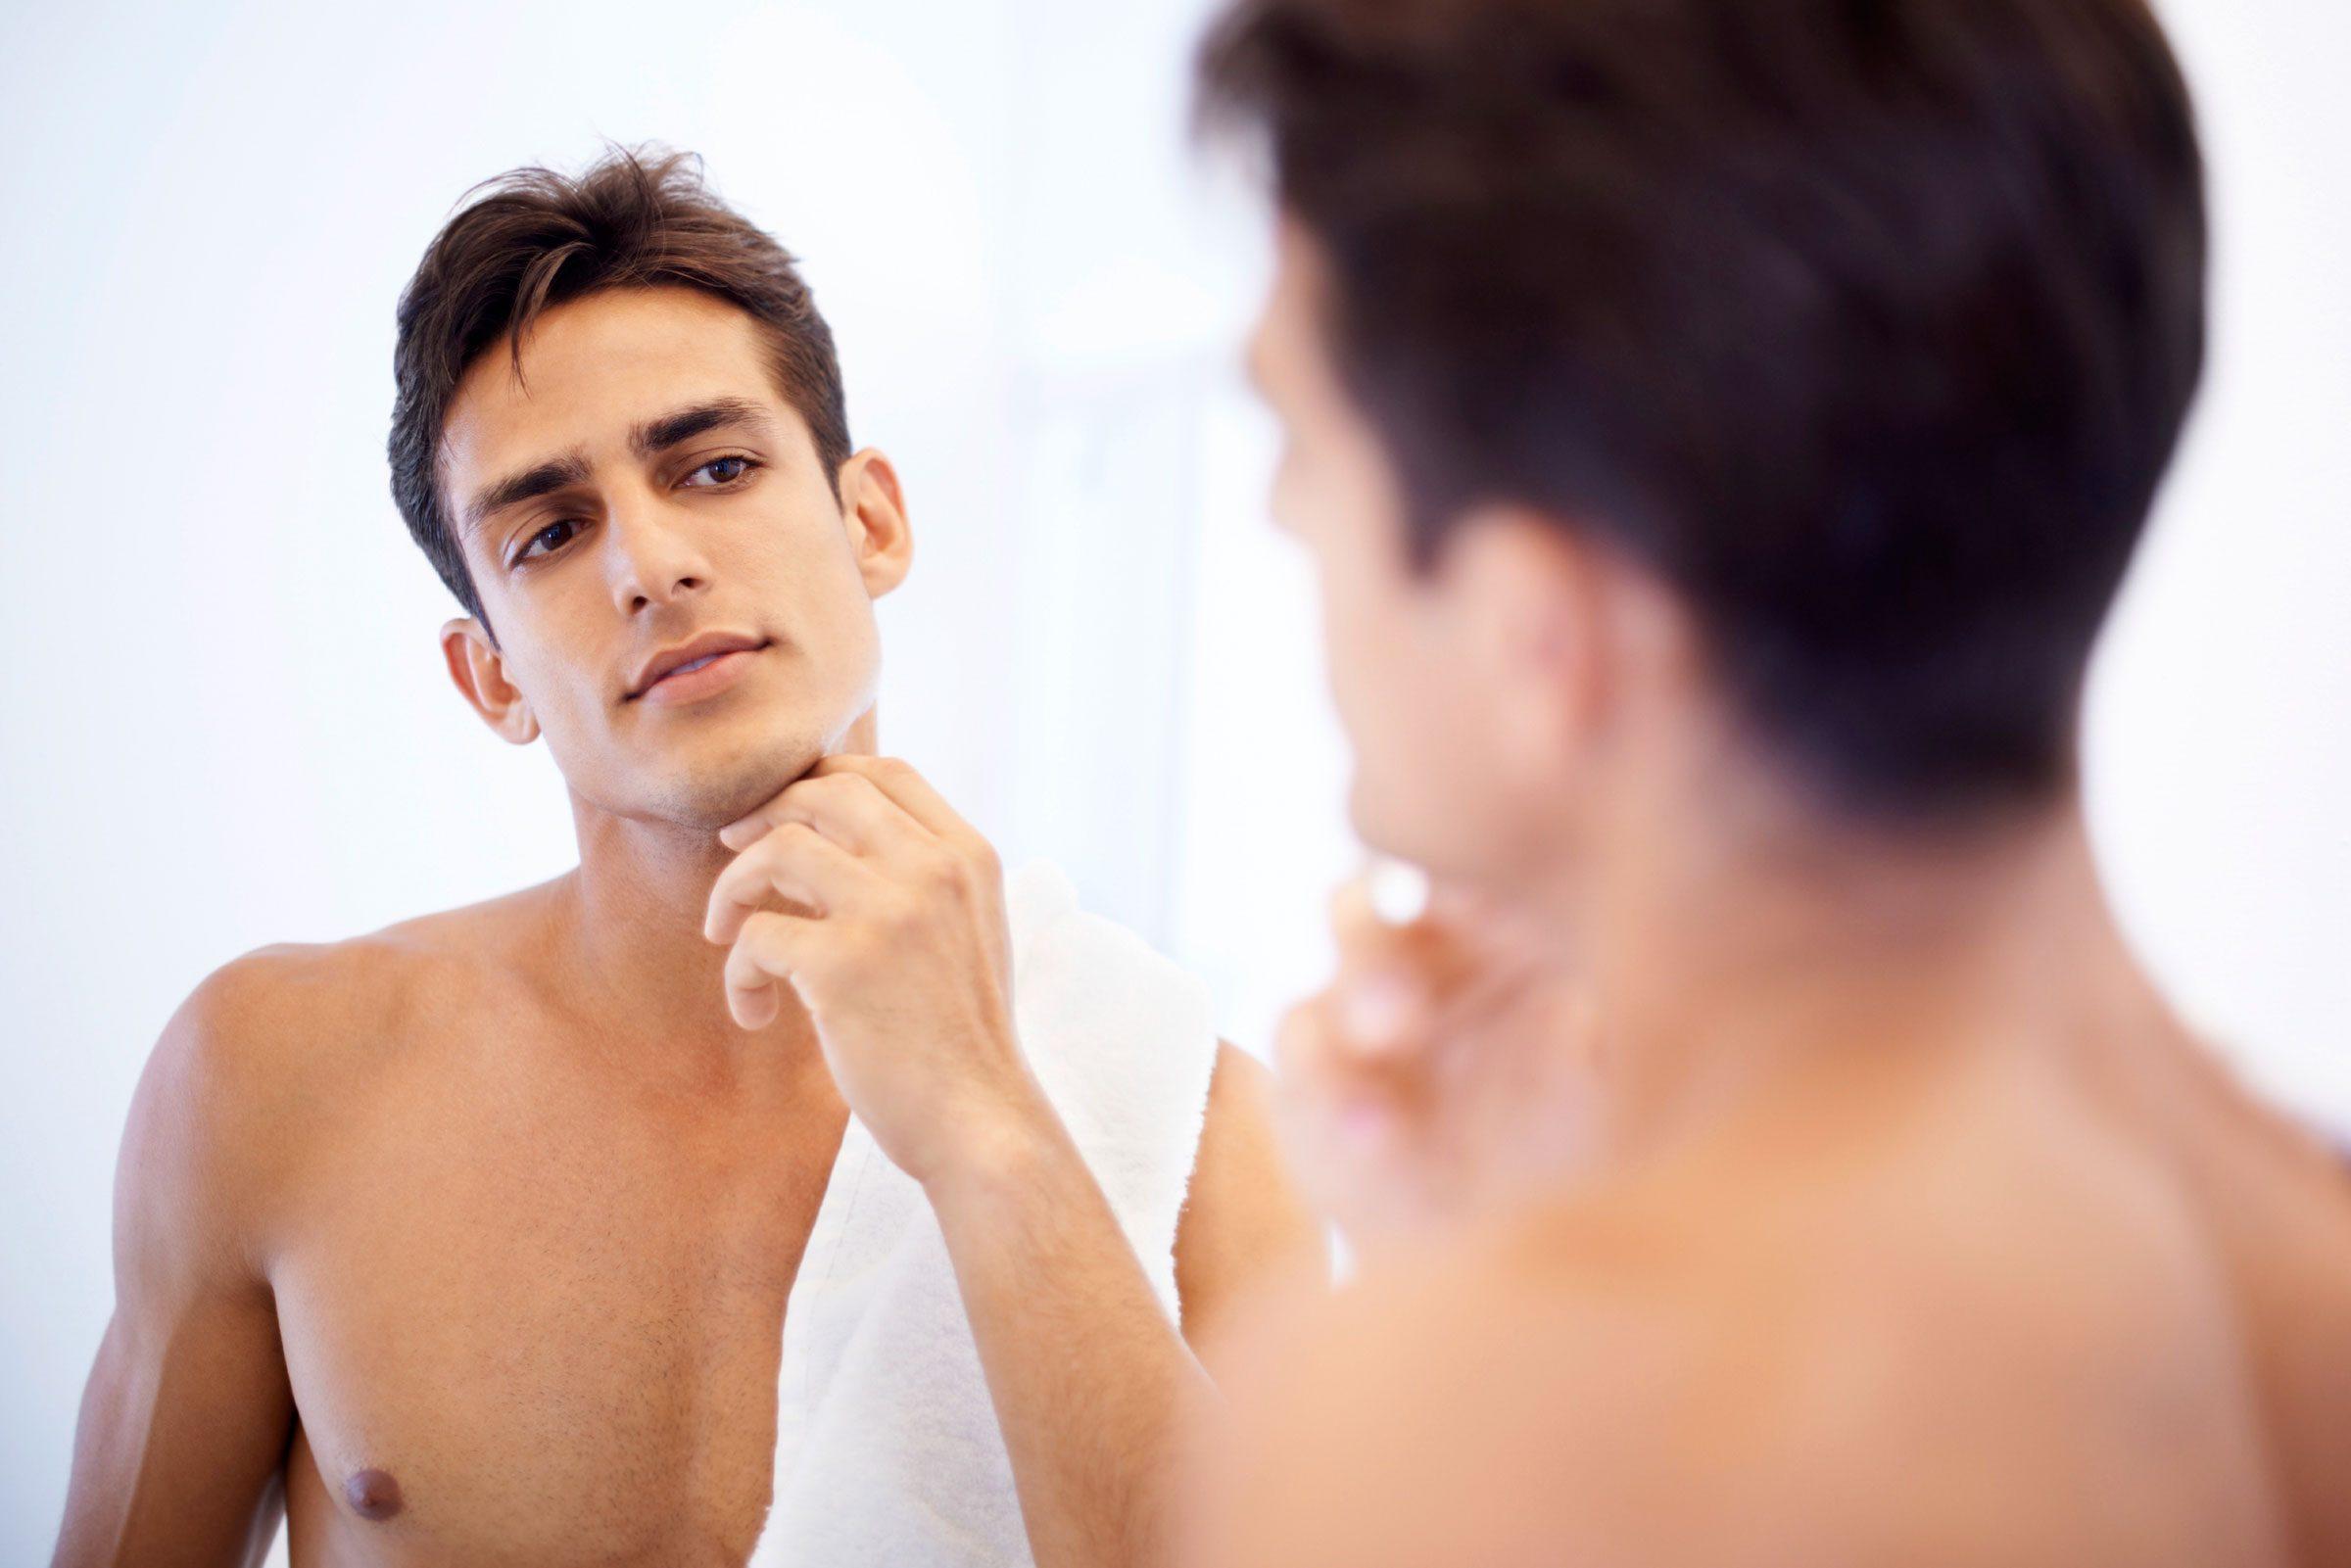 La douche rend votre peau sujette aux démangeaisons.